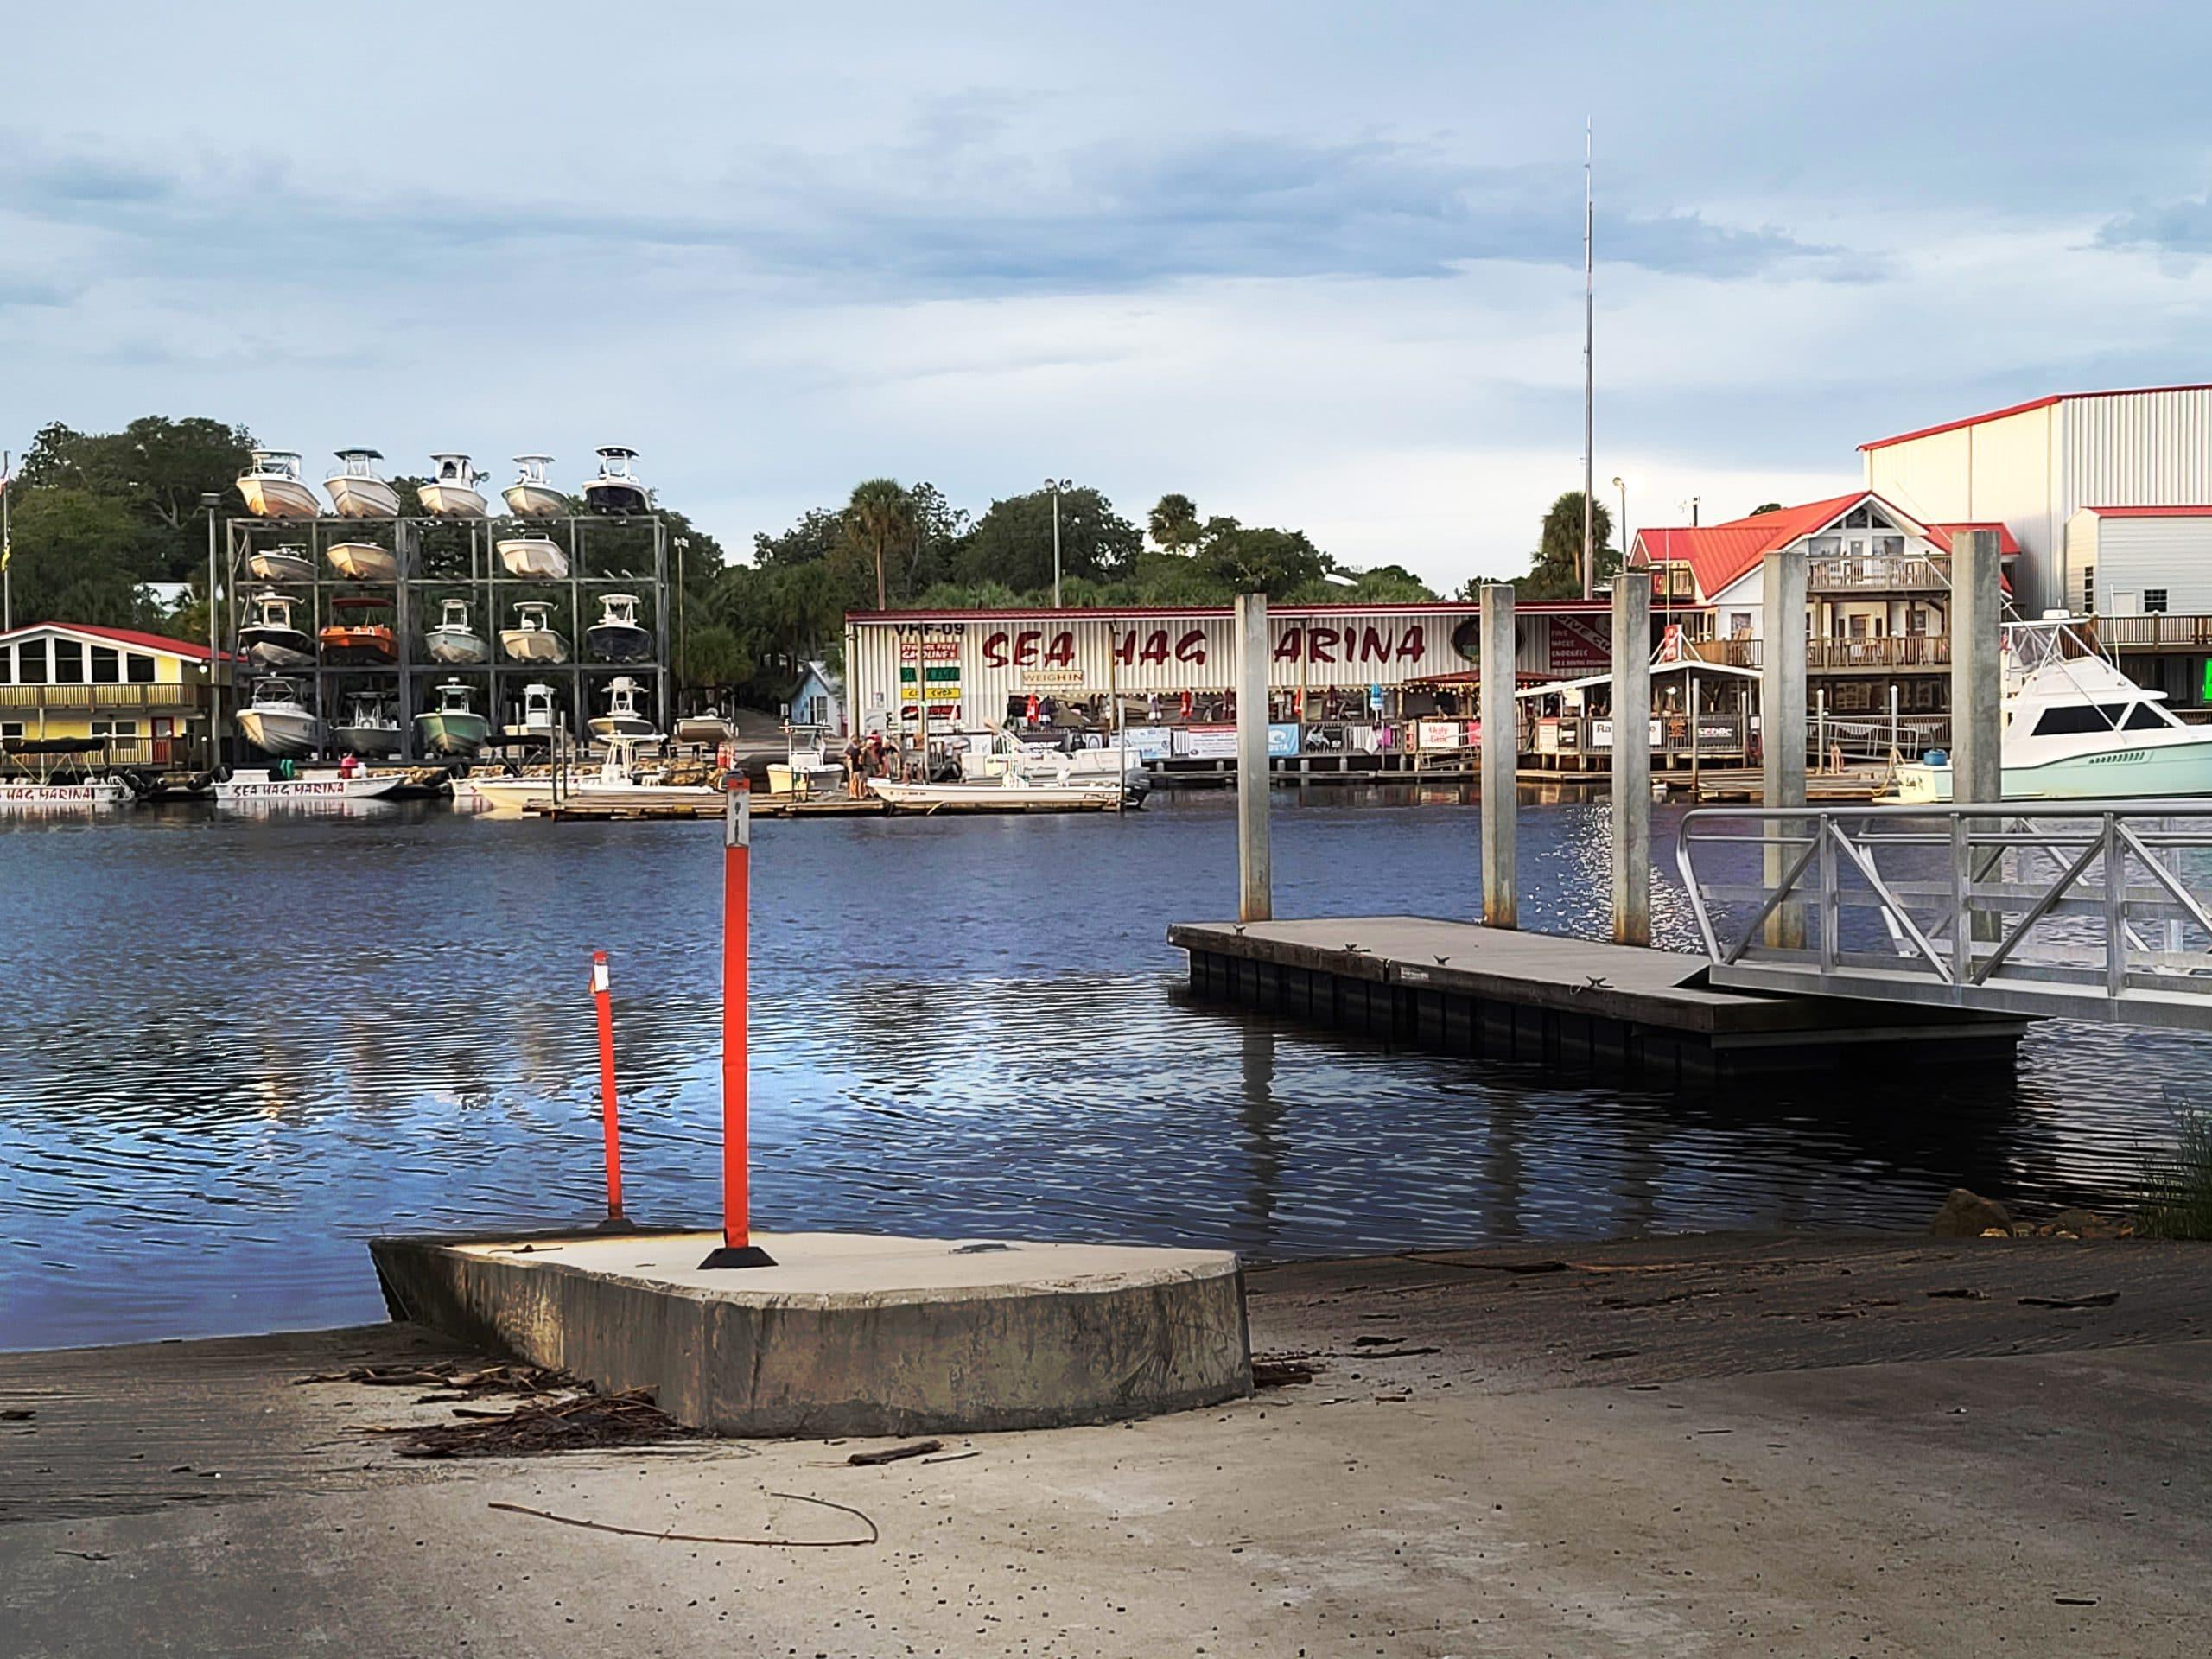 Marina view in Steinhatchee, FL